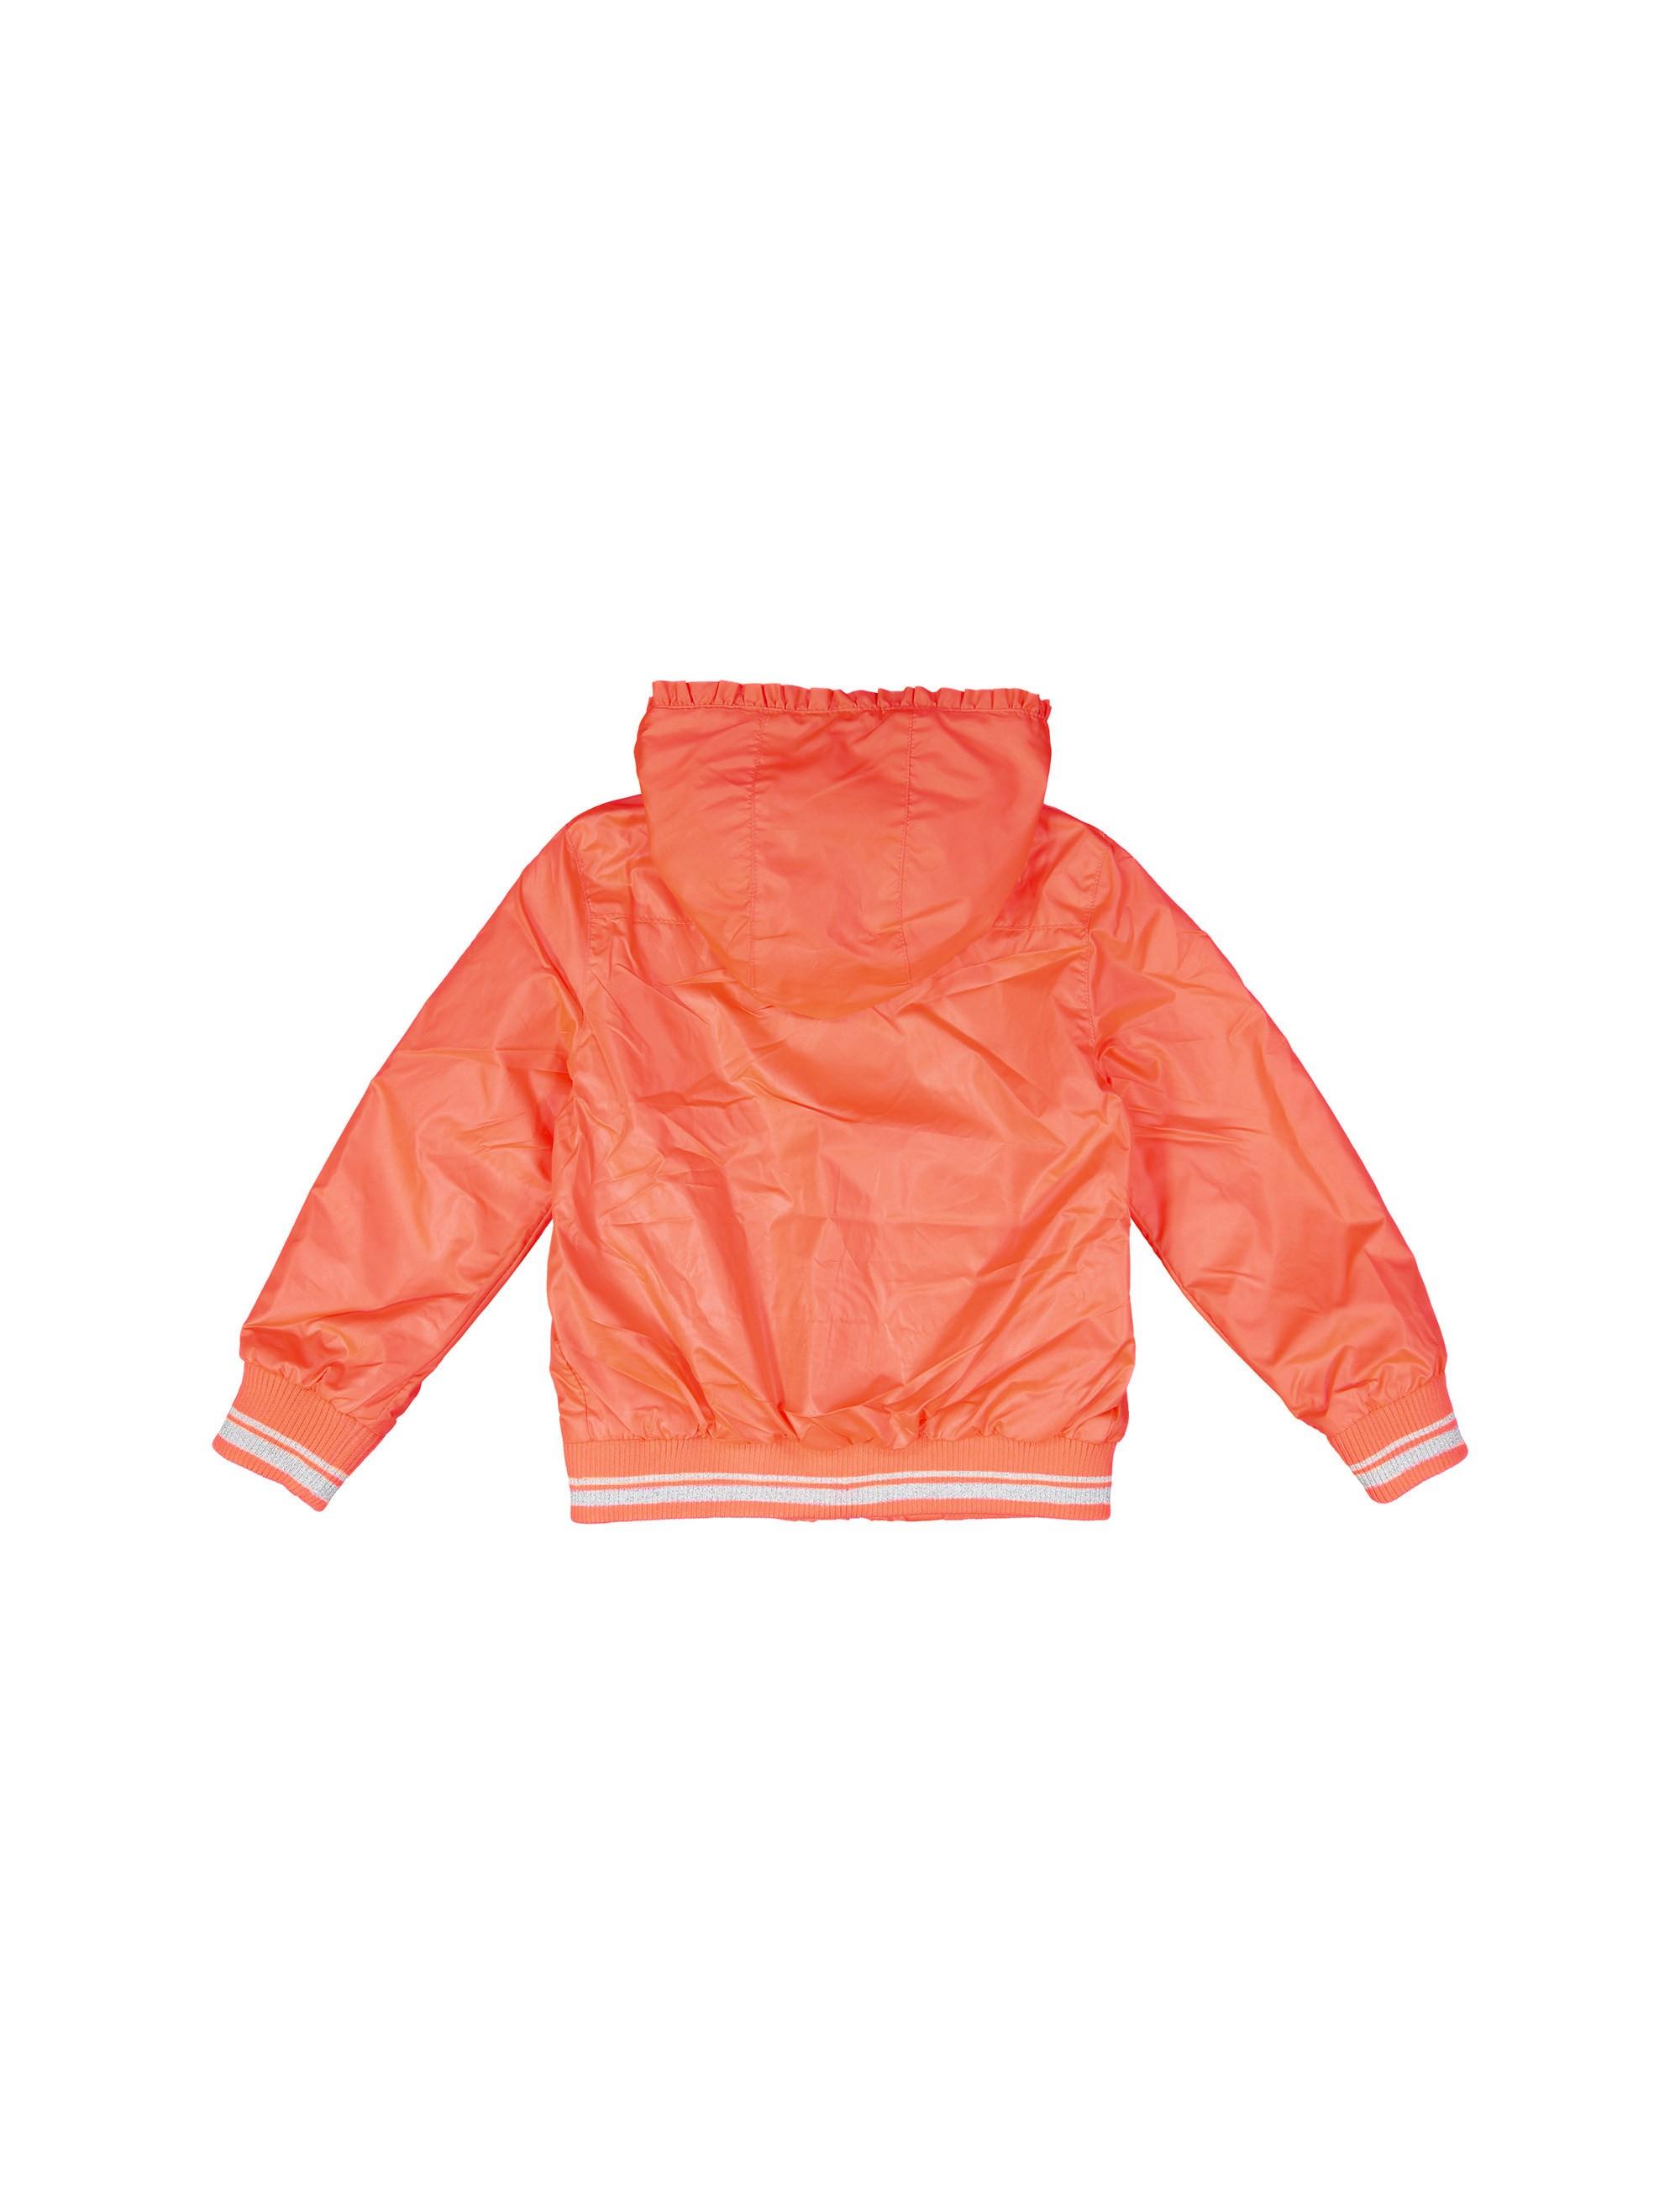 بارانی دخترانه - نارنجي - 2